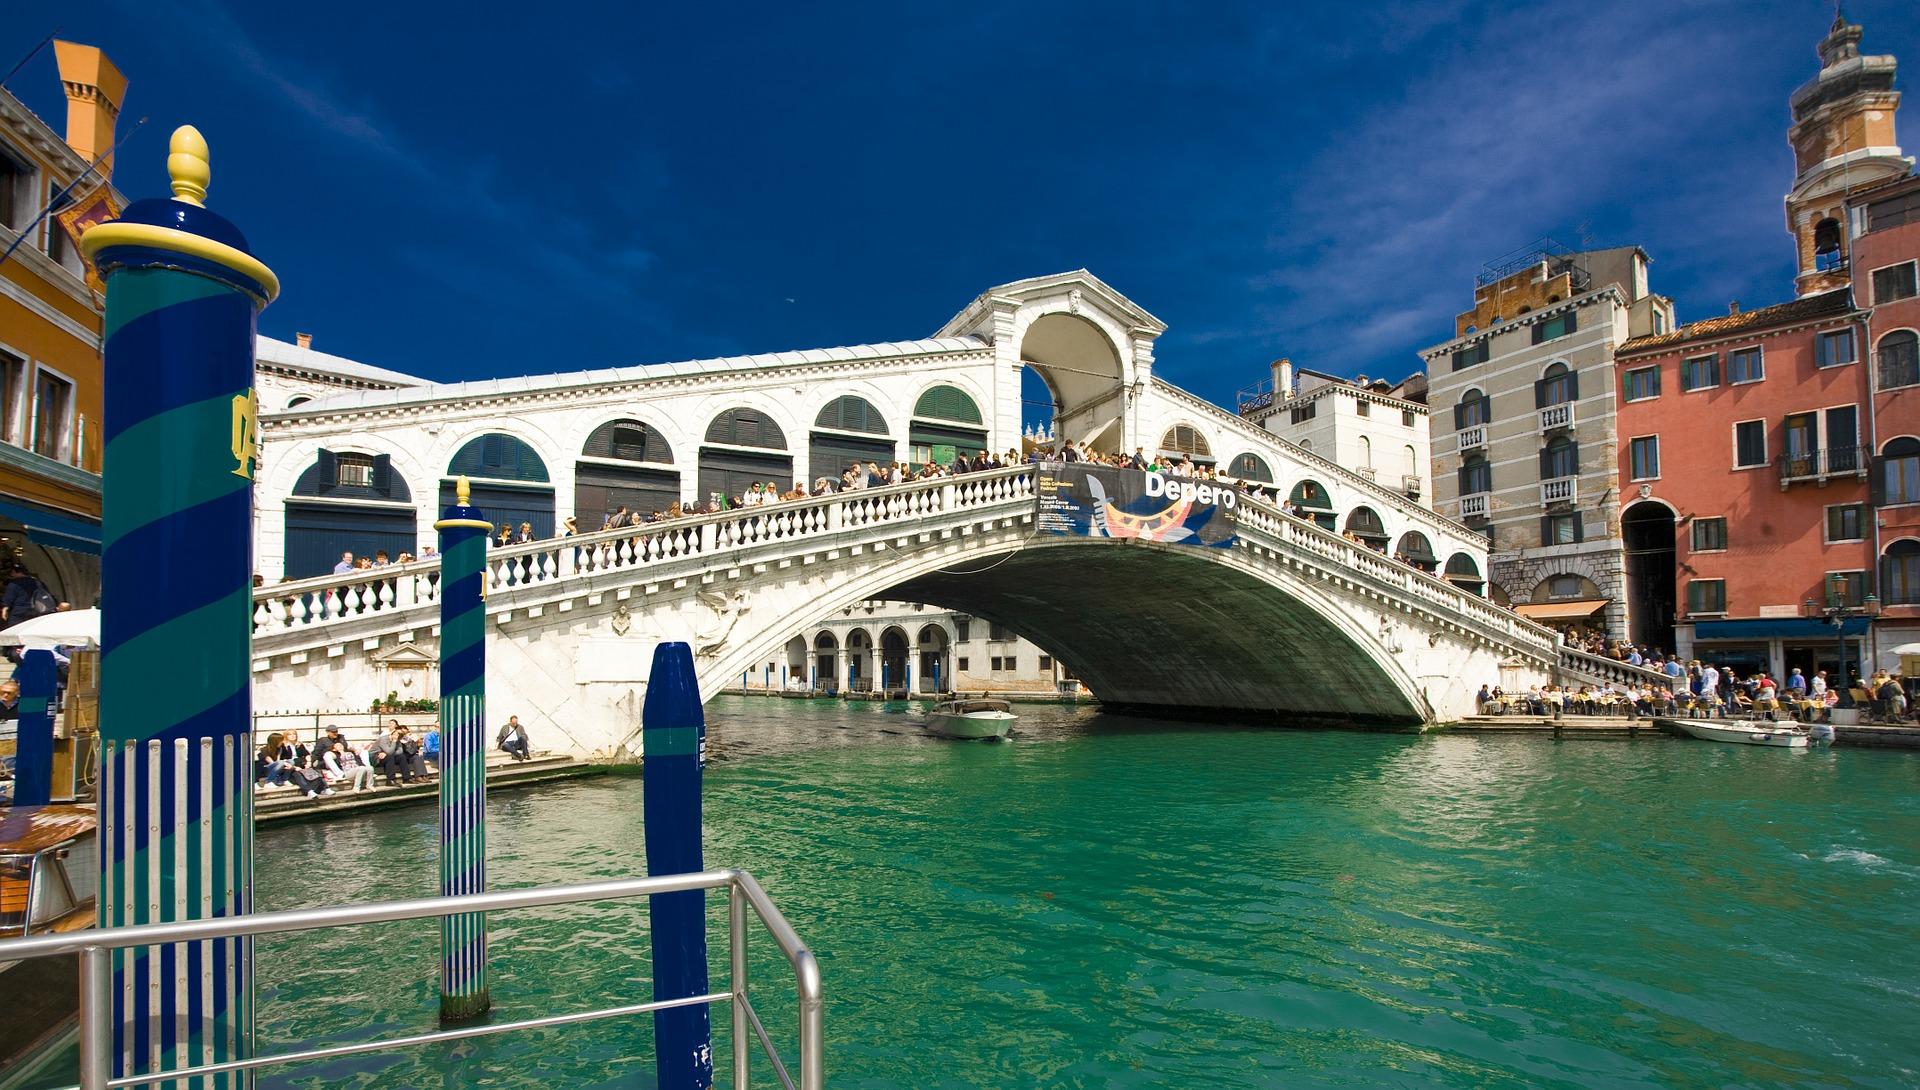 Die Kanäle von Venedig buch eine Gondelfahrt